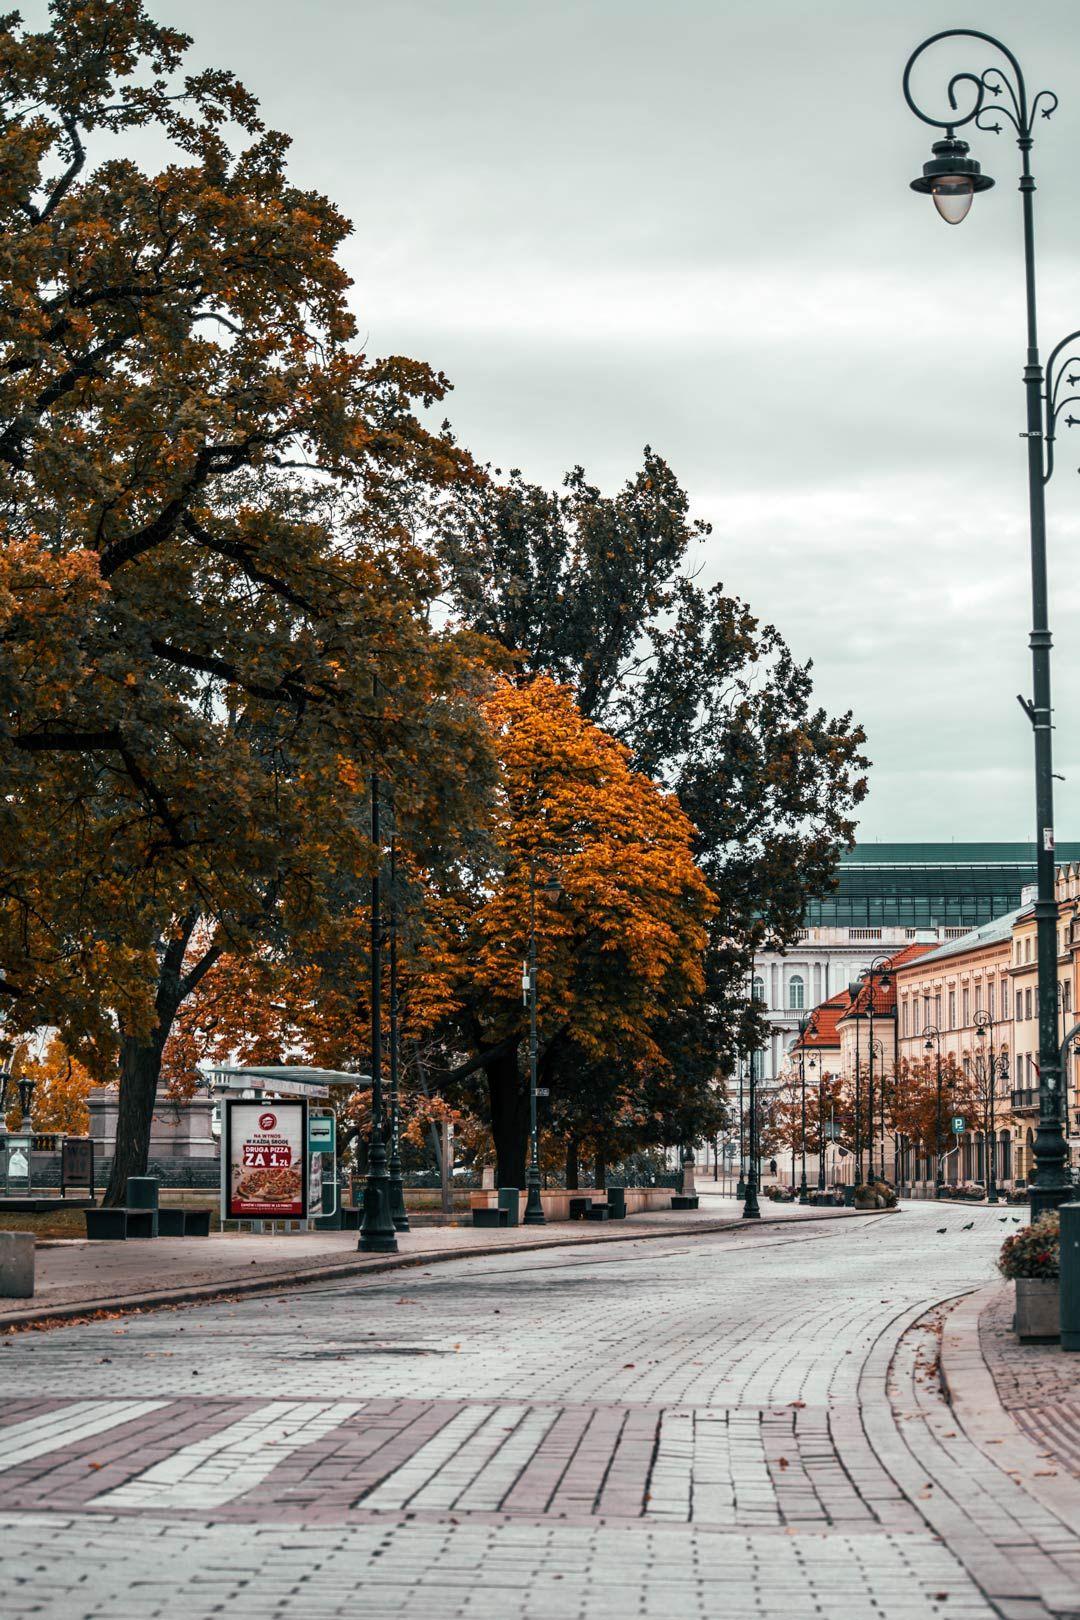 Δρόμος-στη-Βαρσοβία-πρωί-travelshare.gr